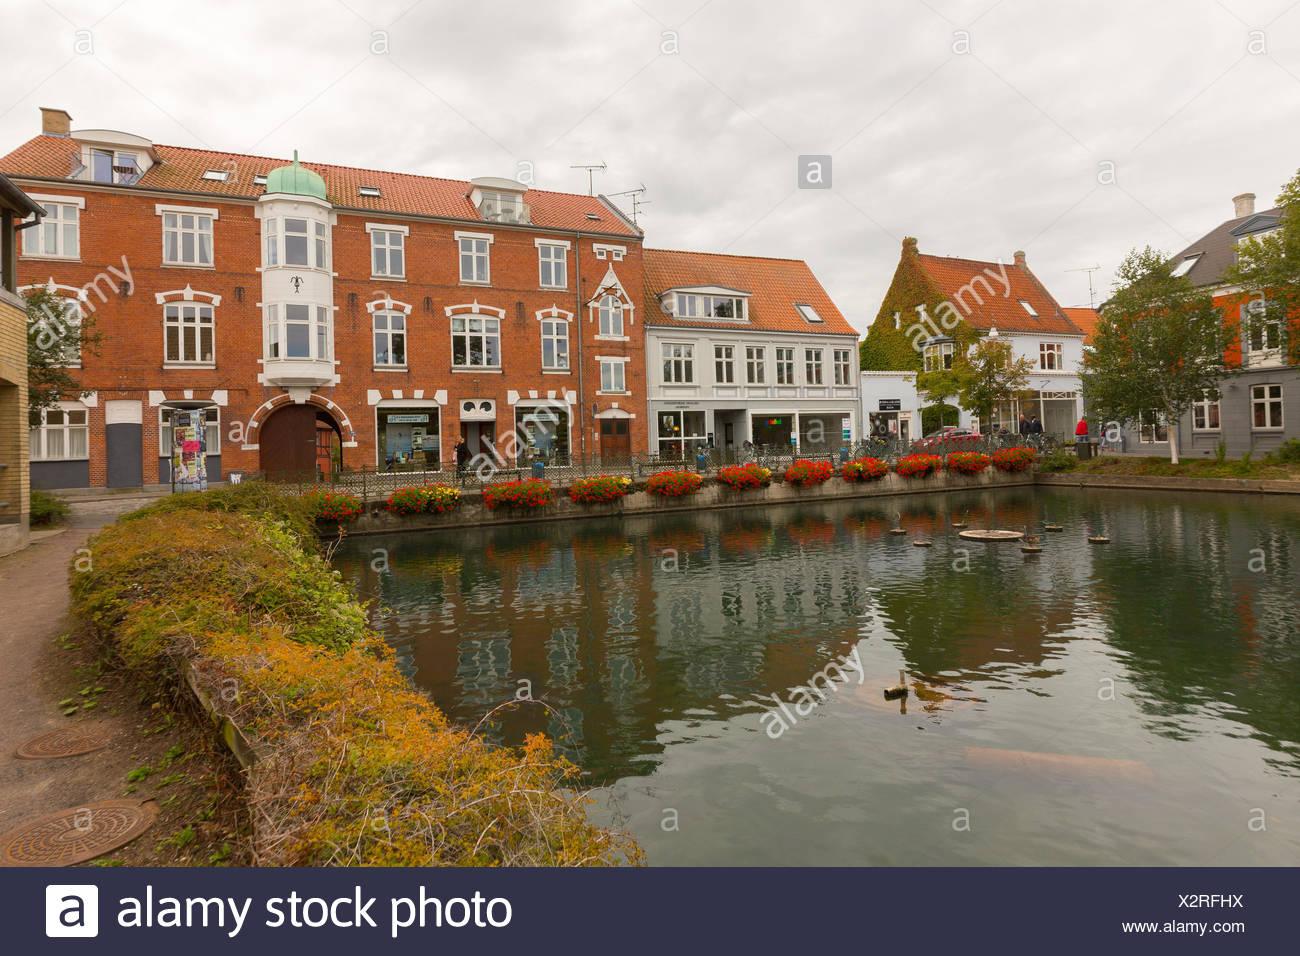 Blick über einen kleinen Teich in der Stadtmitte von Svendborg, Dänemark - Stock Image